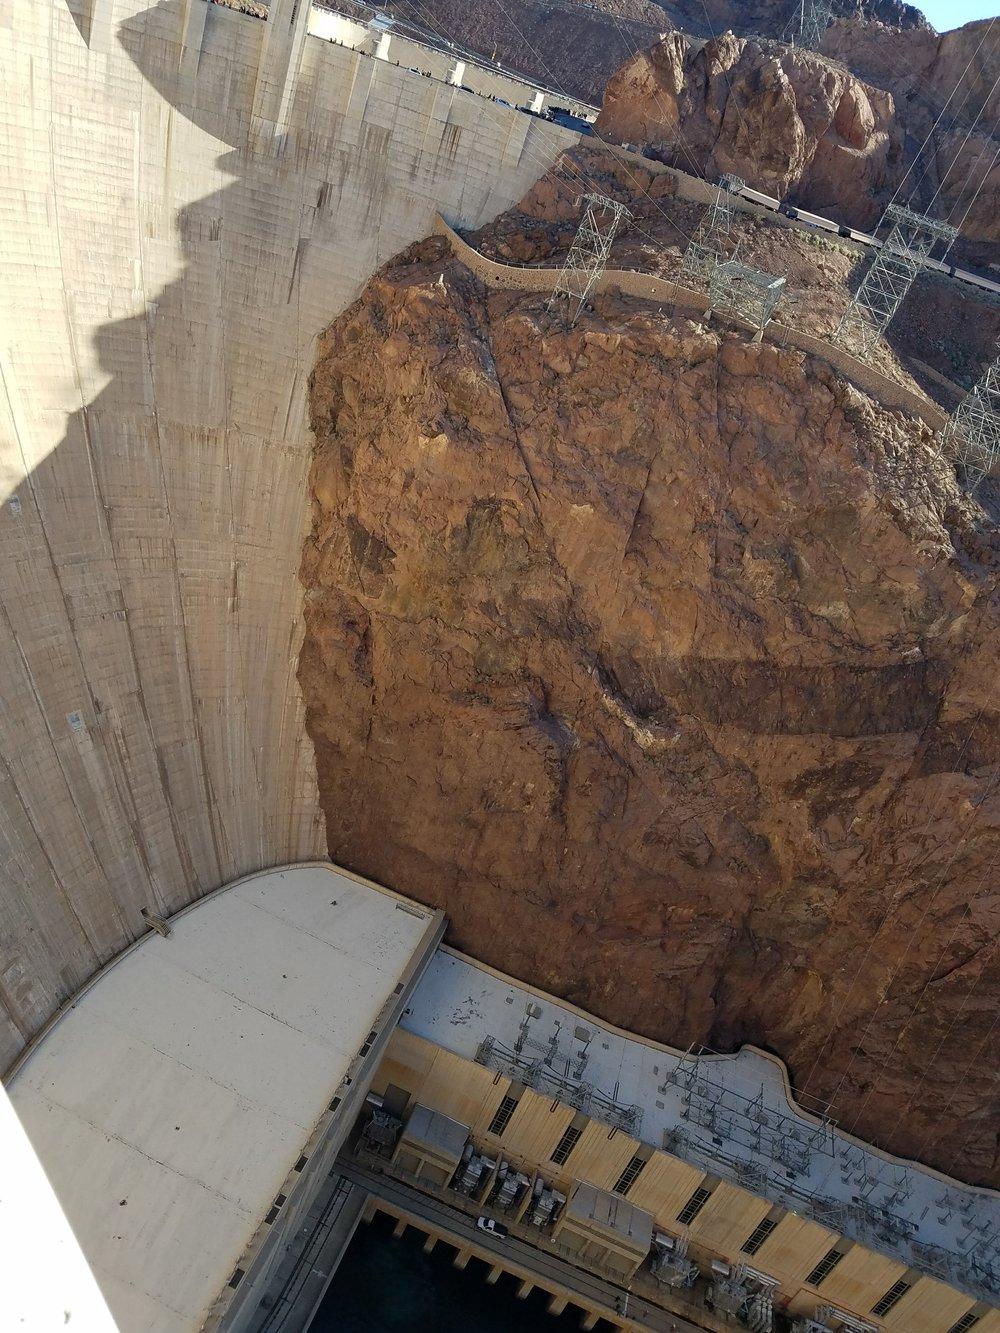 Dam with powerhouse below.